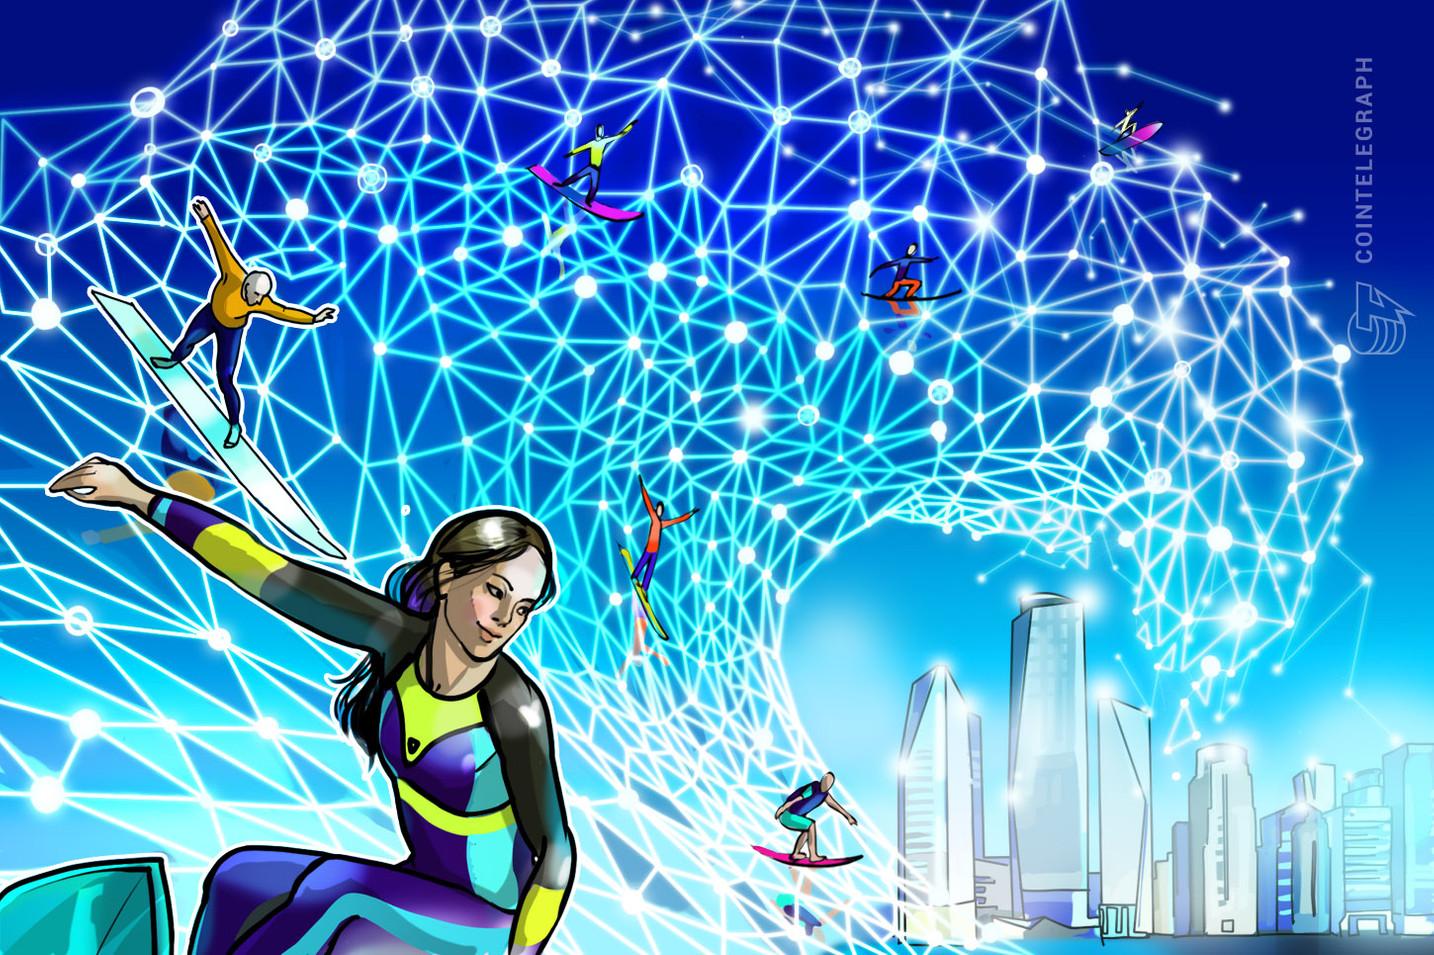 La Corea del Sud sta lavorando all'elaborazione di nuovi criteri per l'industria blockchain